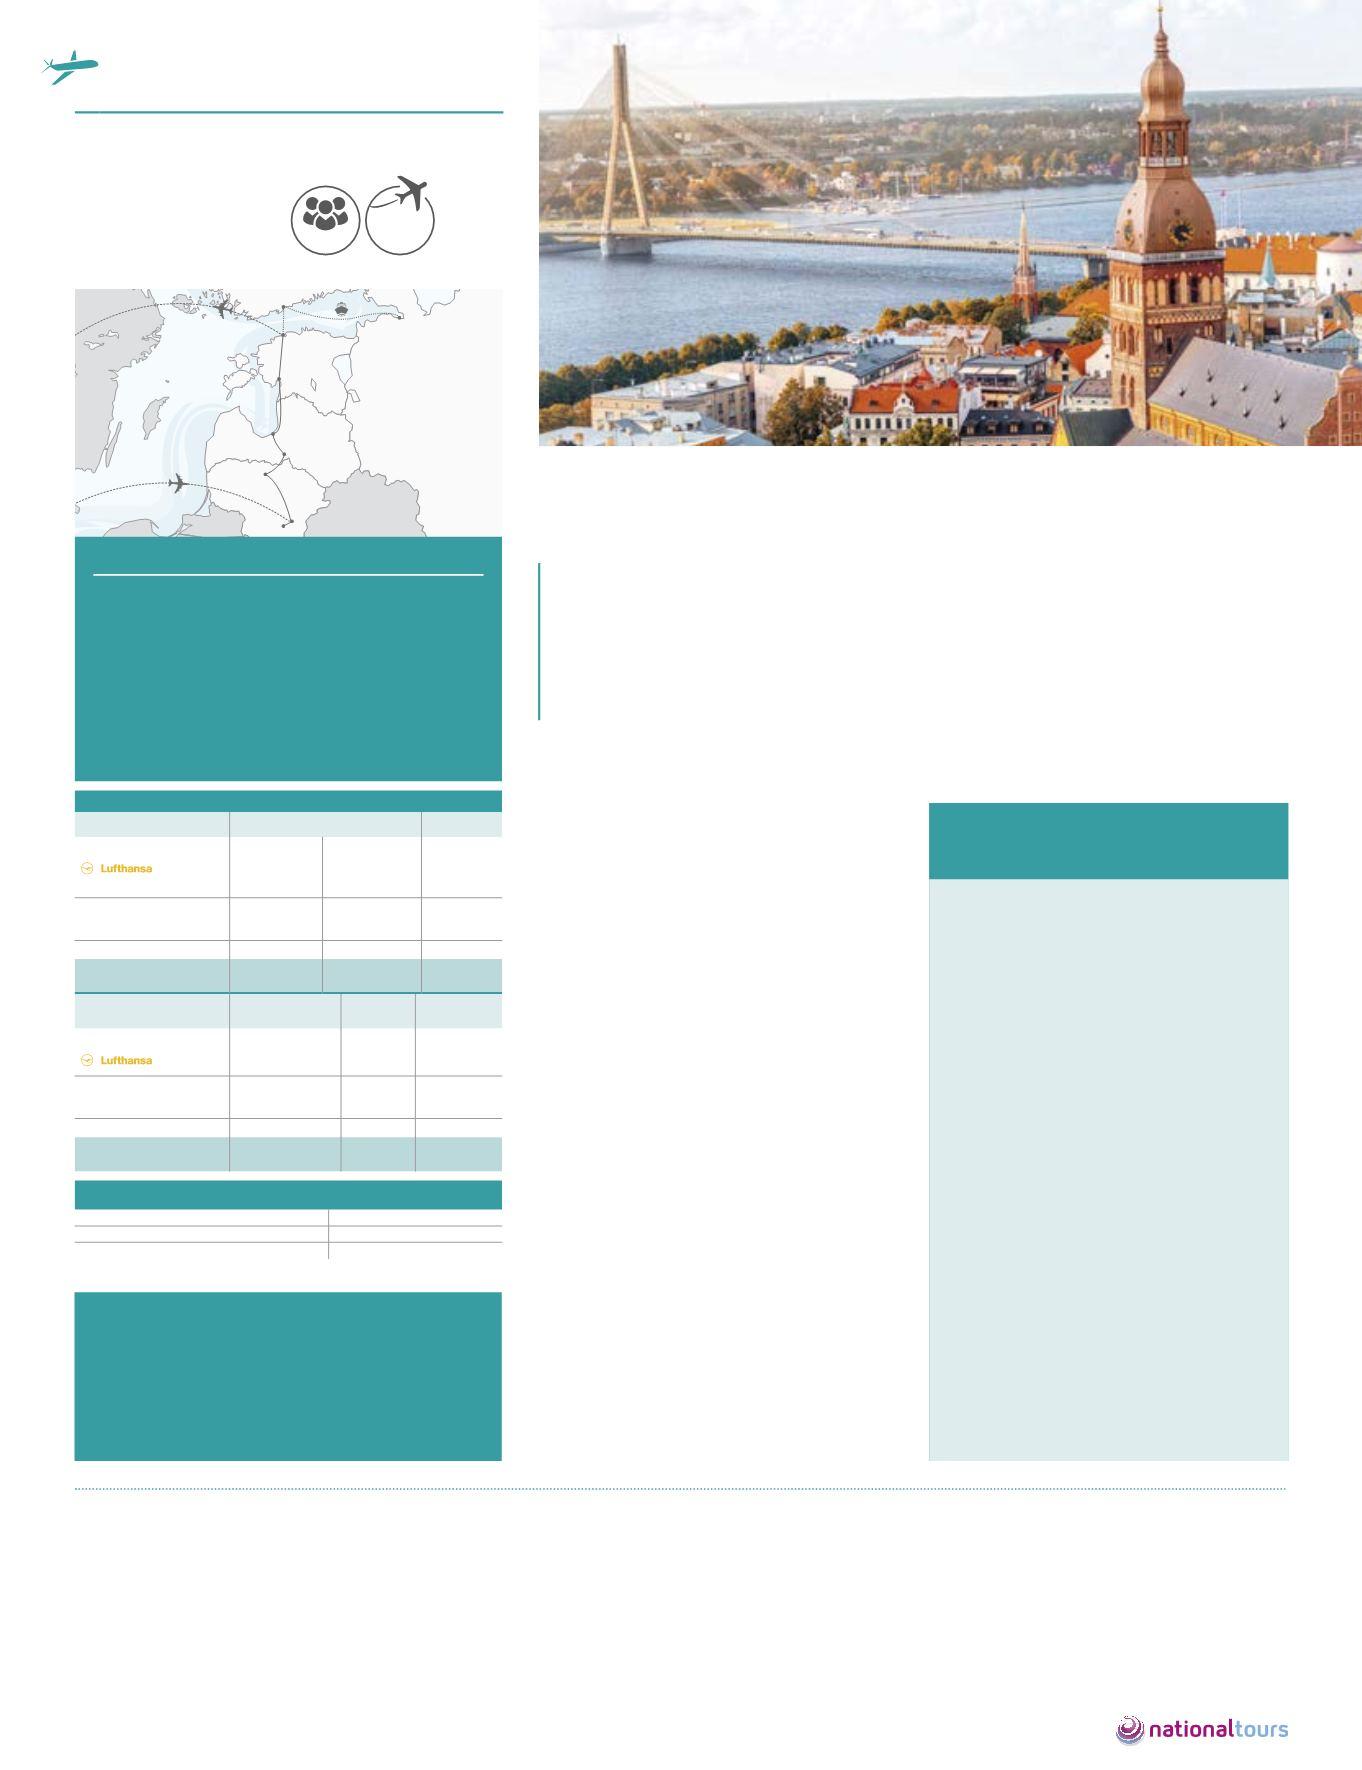 Estonie datant des douanes Vitesse de datation dans El Paso TX